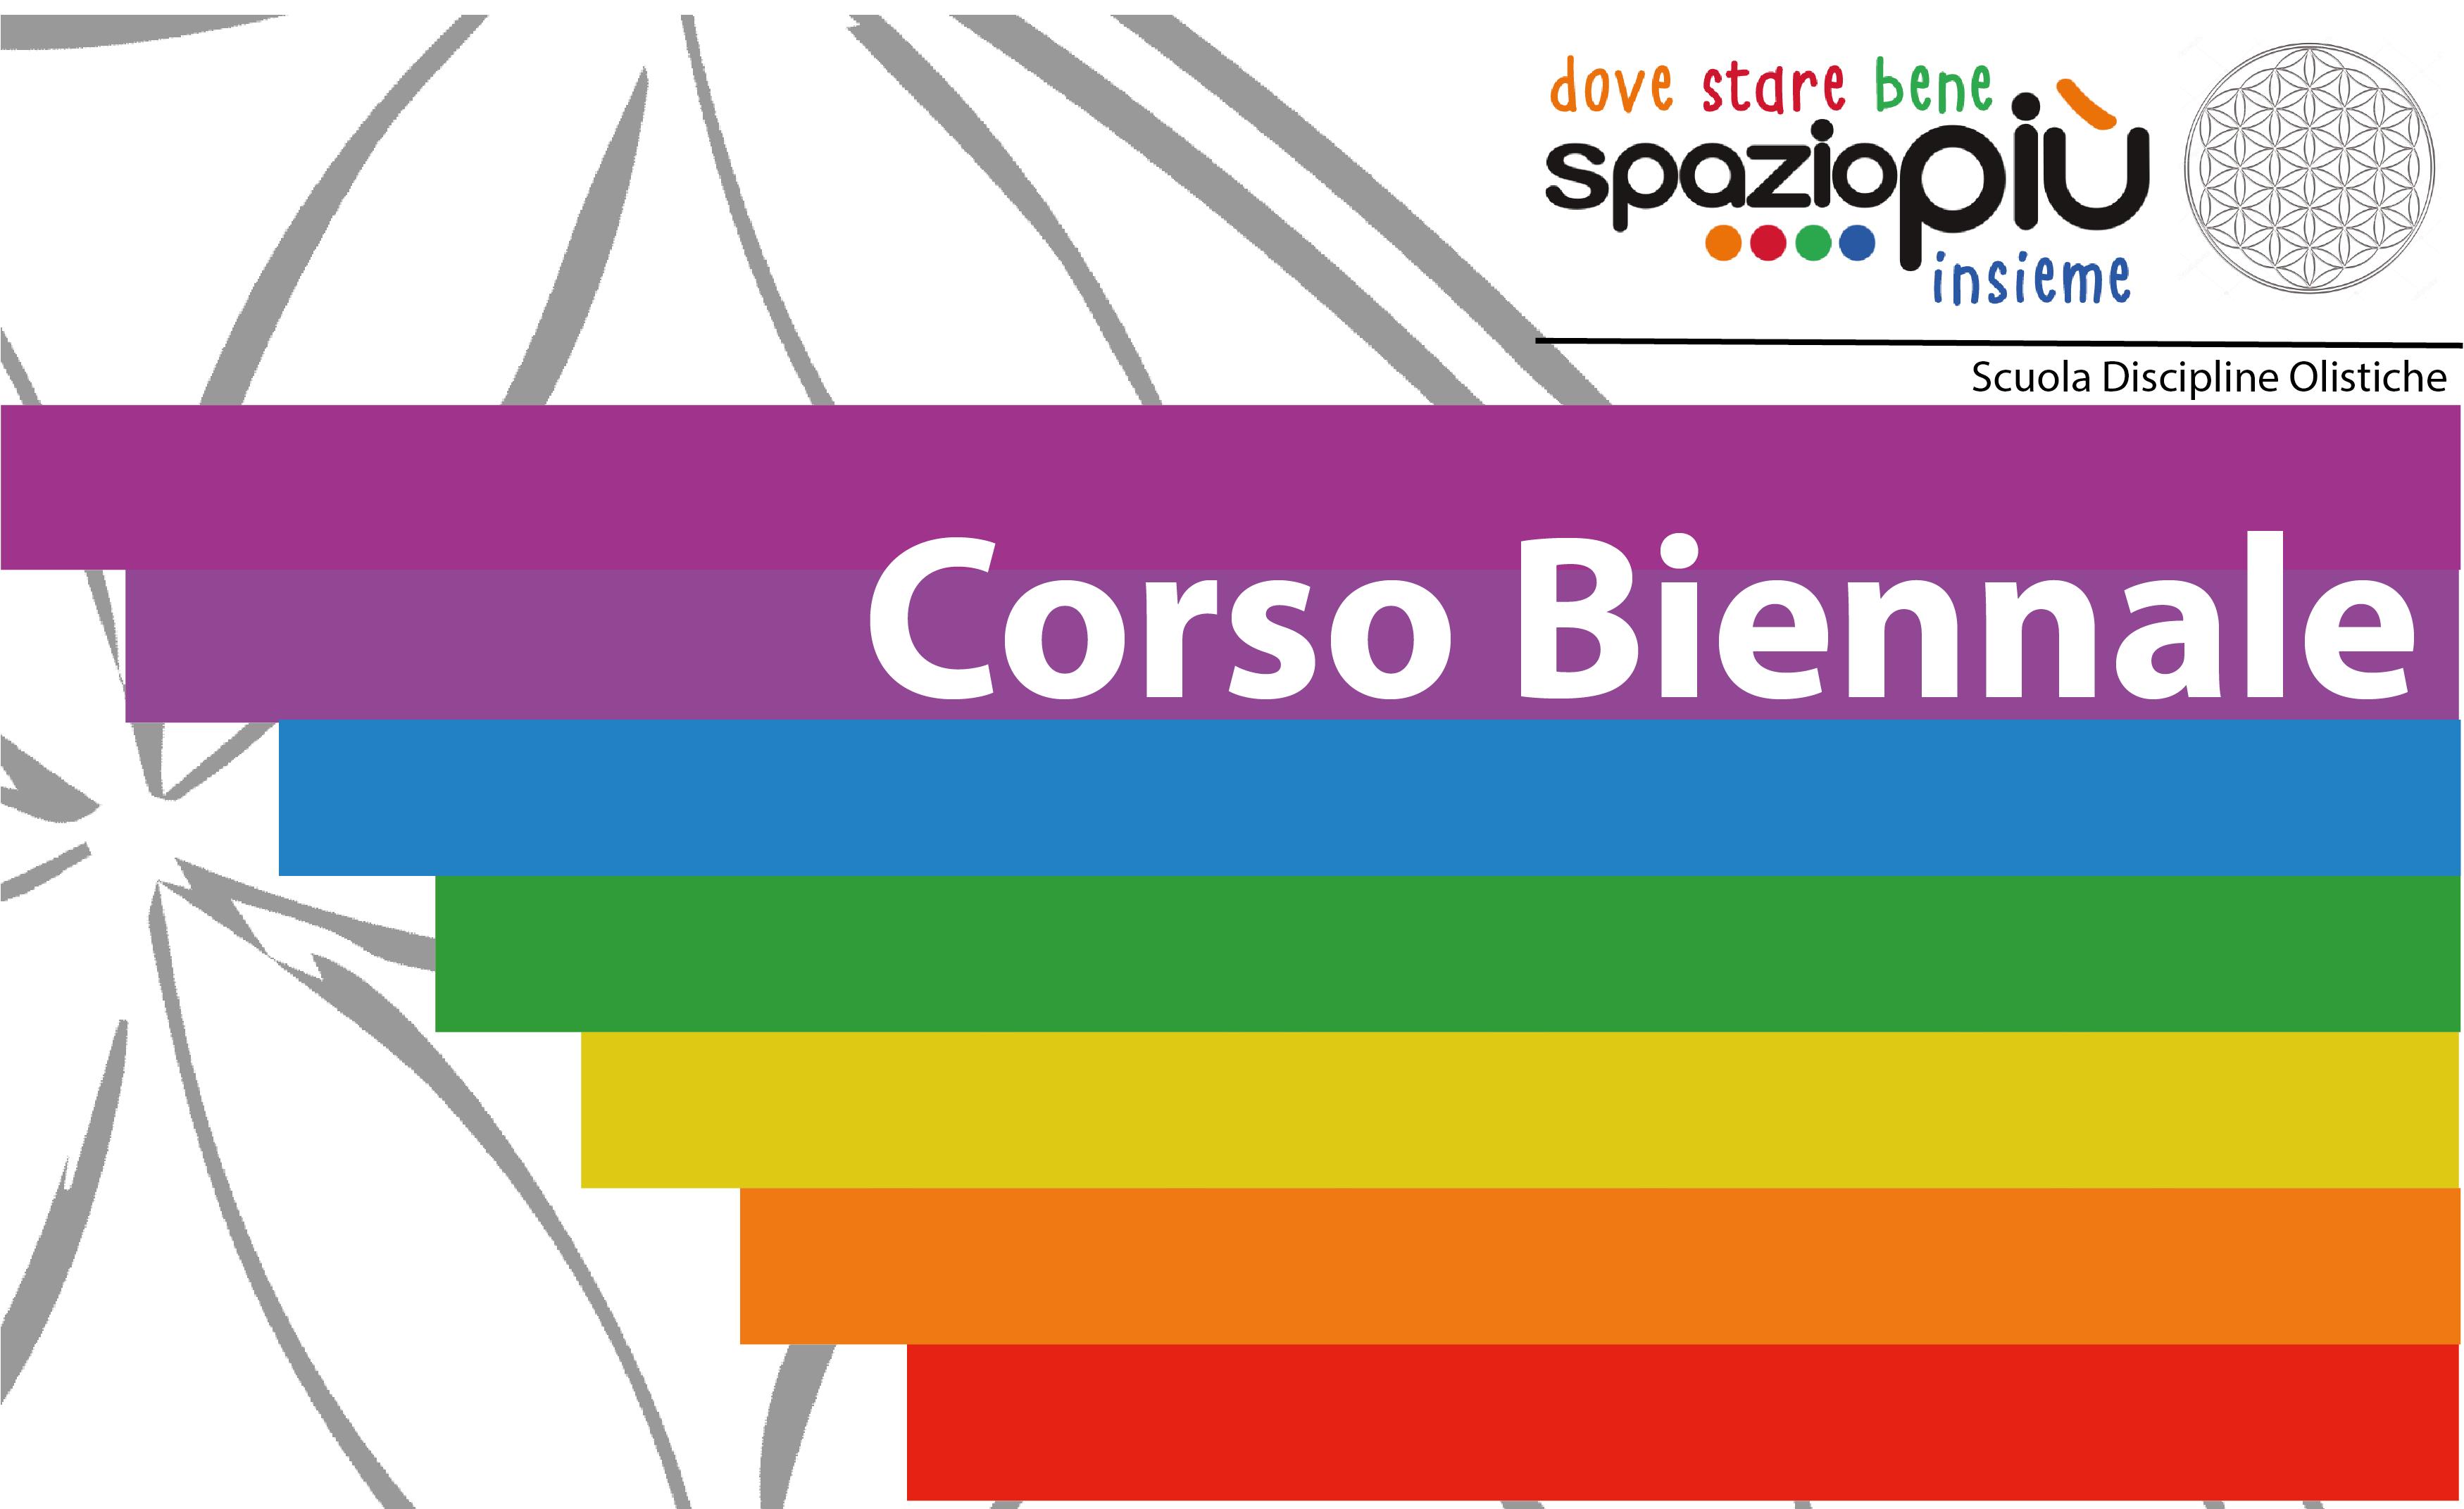 CONSULENTE OLISTICO - Corso Biennale